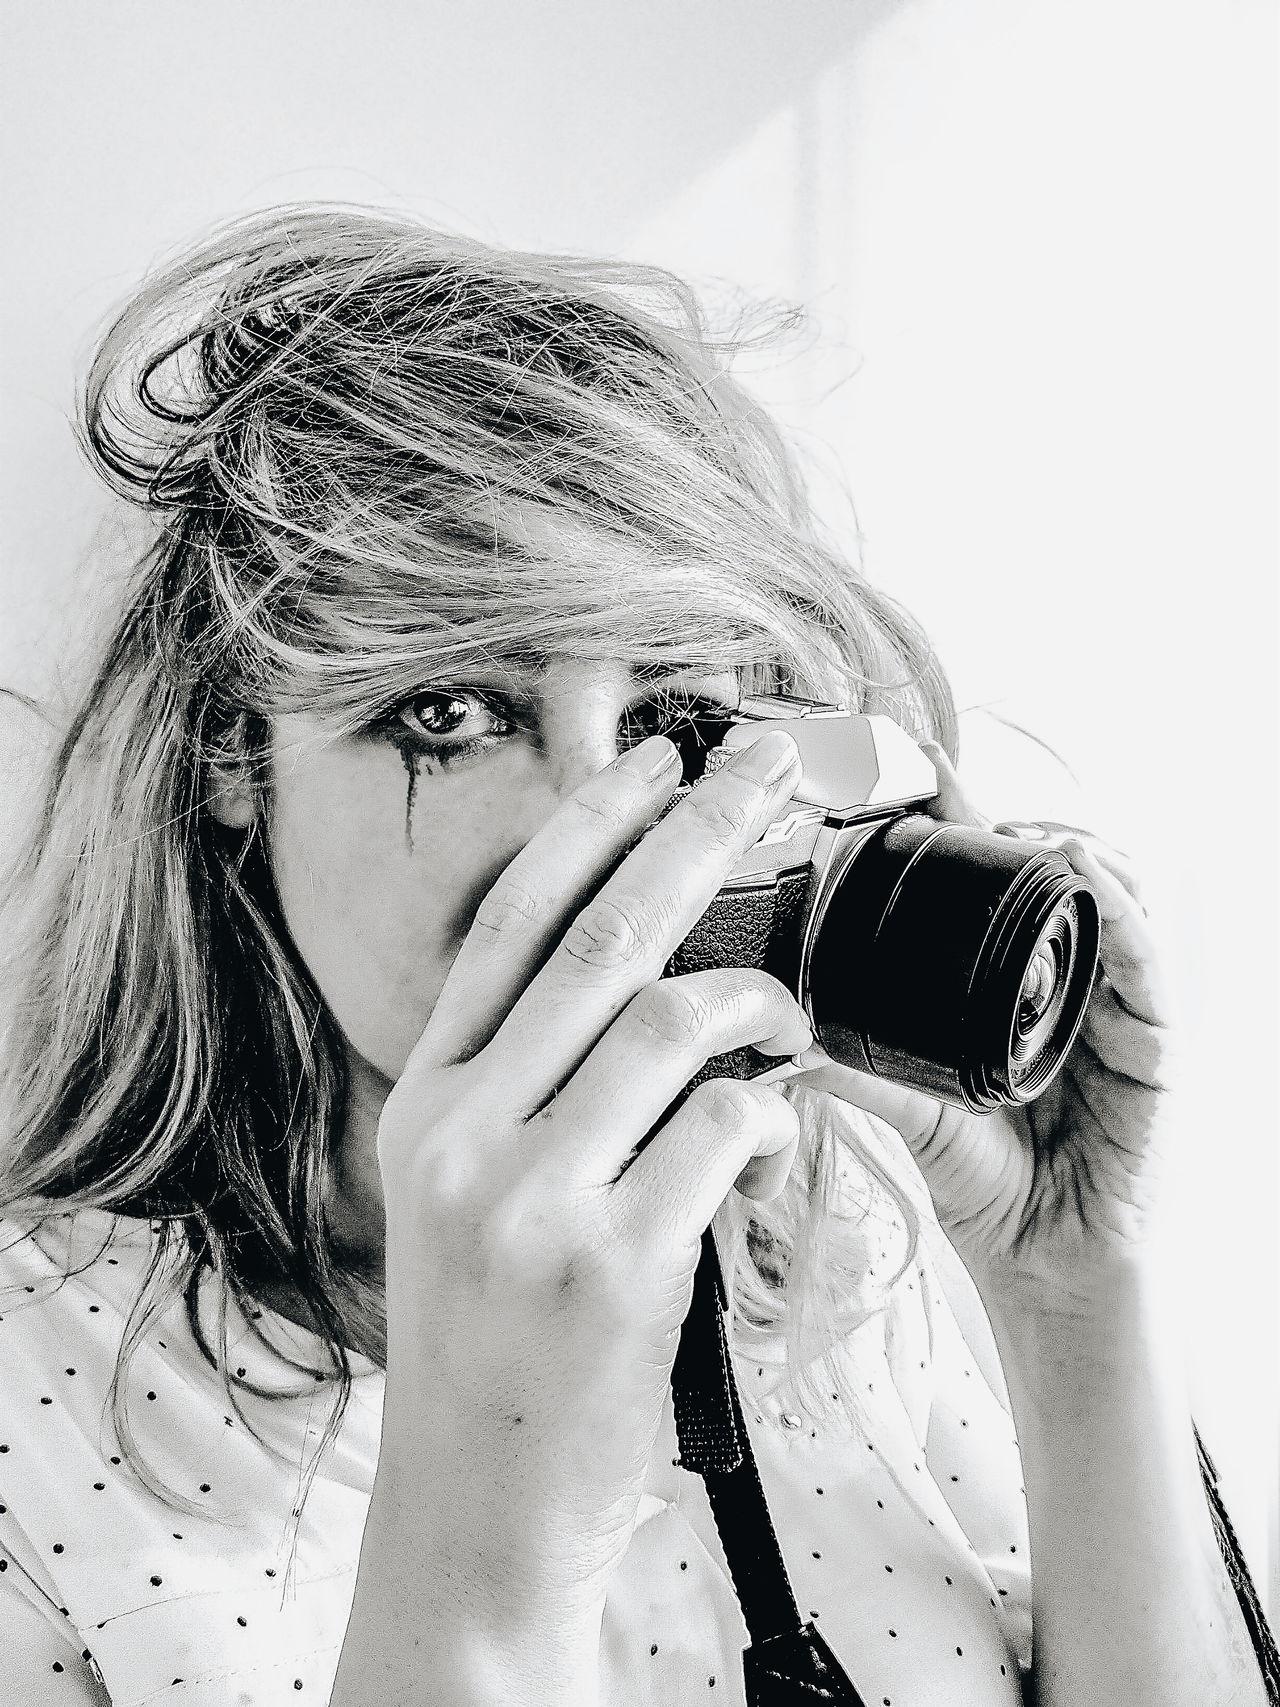 Close-up portrait of a photographer